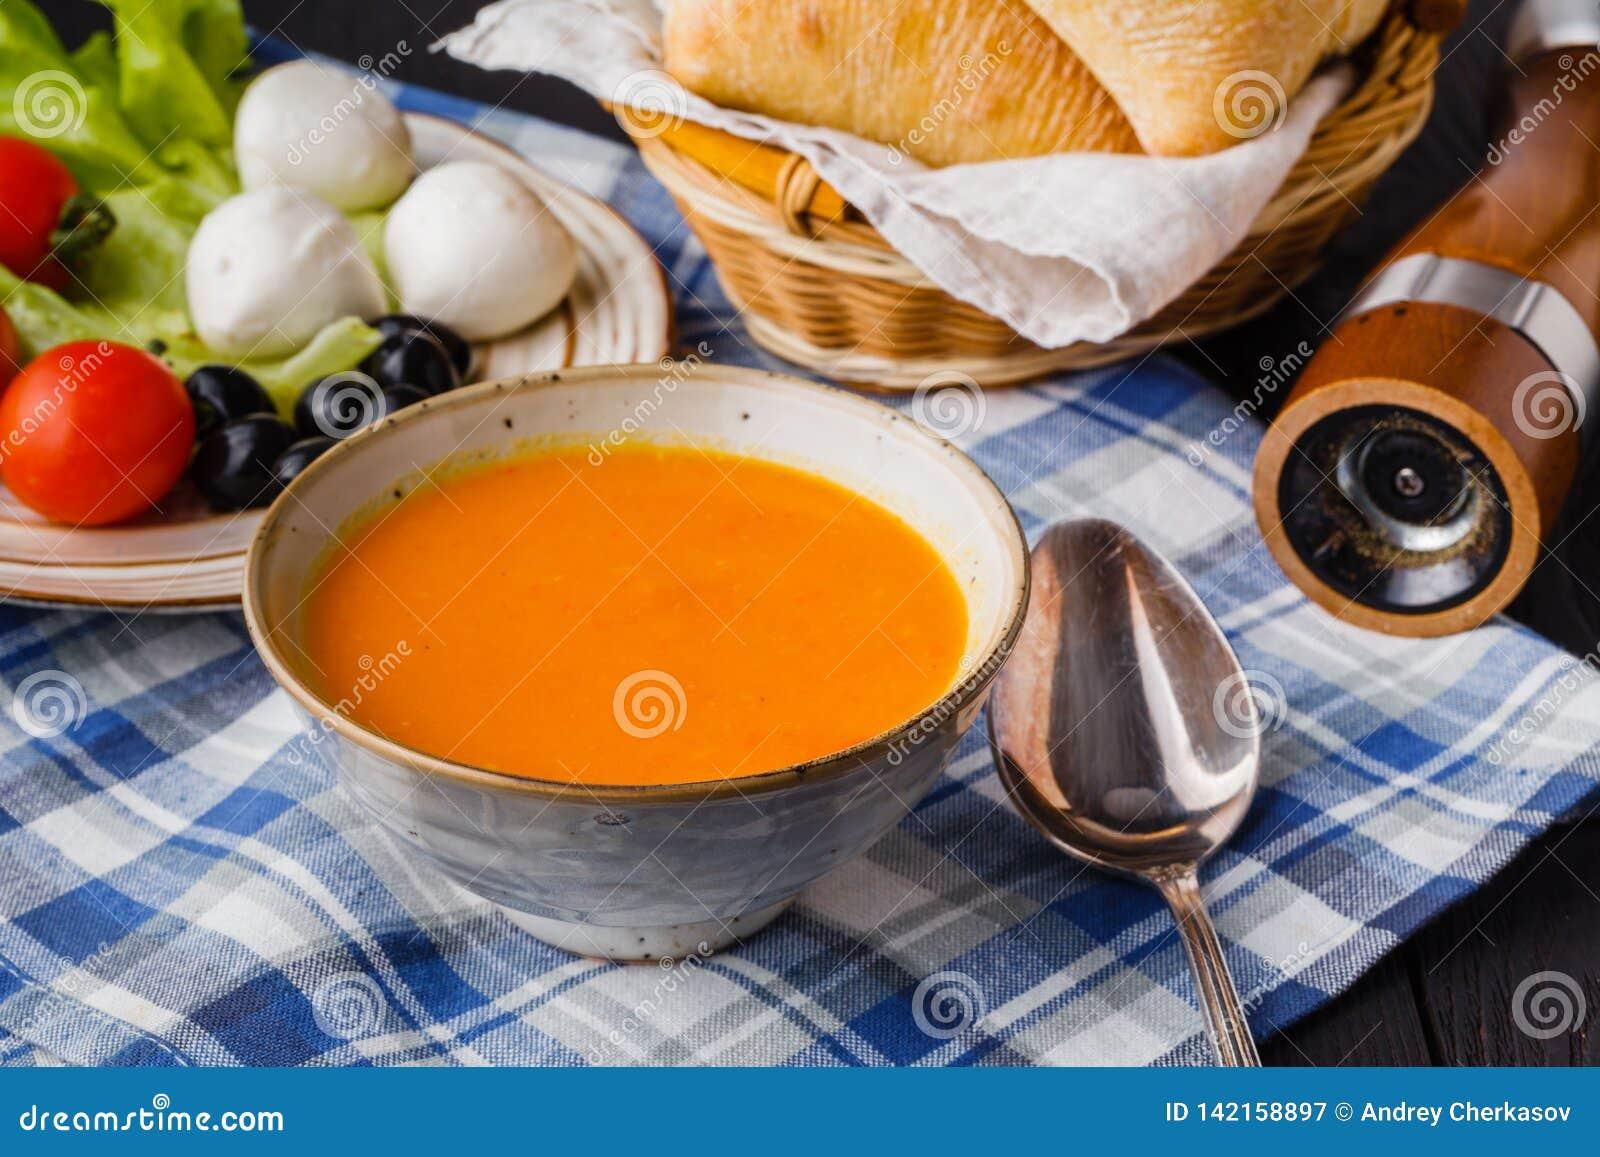 Παραδοσιακή σούπα κολοκύθας, νόστιμος και θερμαίνοντας